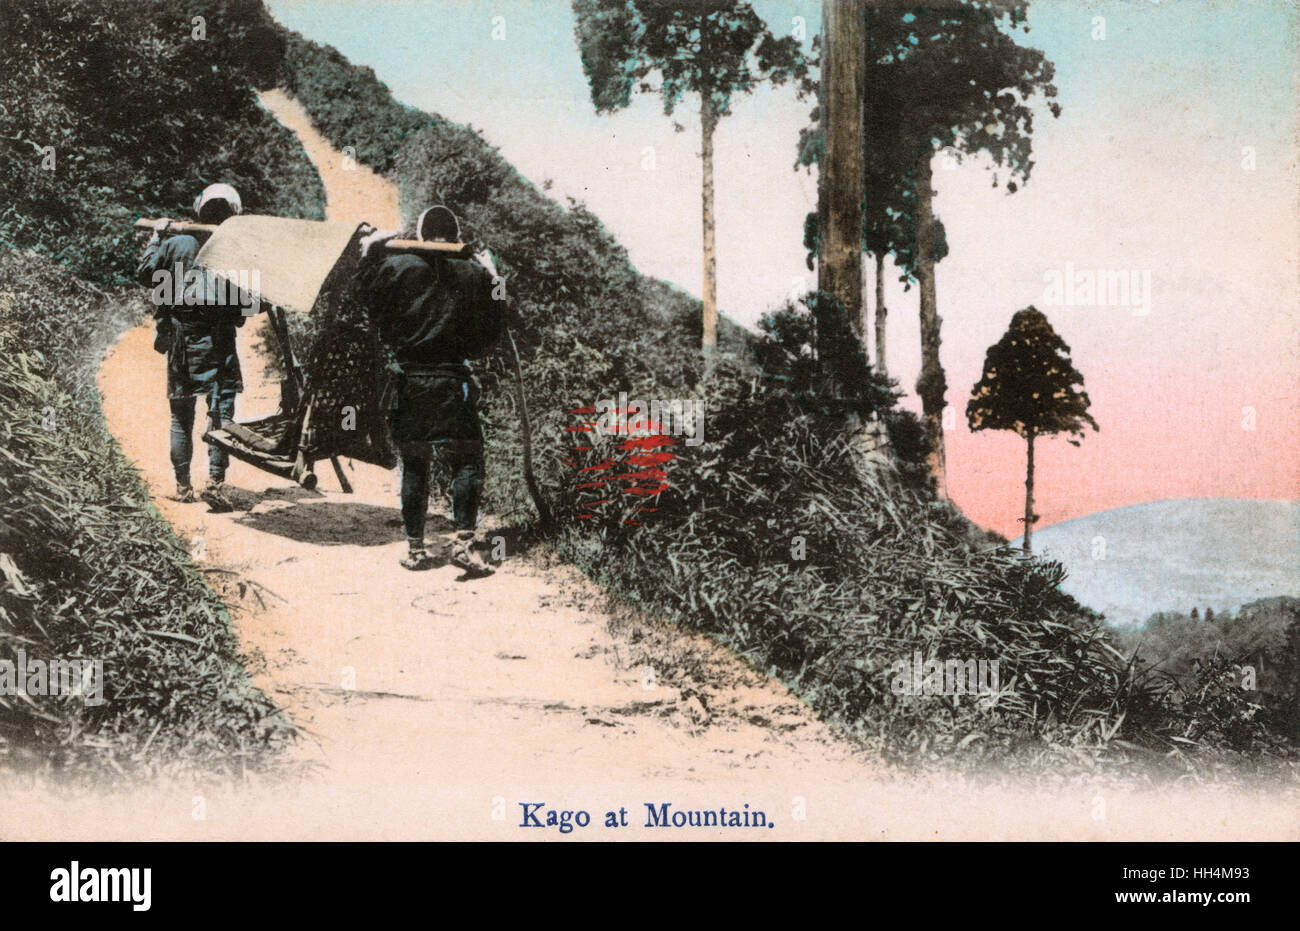 Giappone - Un Kago trasportato fino alla montagna. Kago sono un tipo di lettiera utilizzata come mezzo di trasporto Immagini Stock